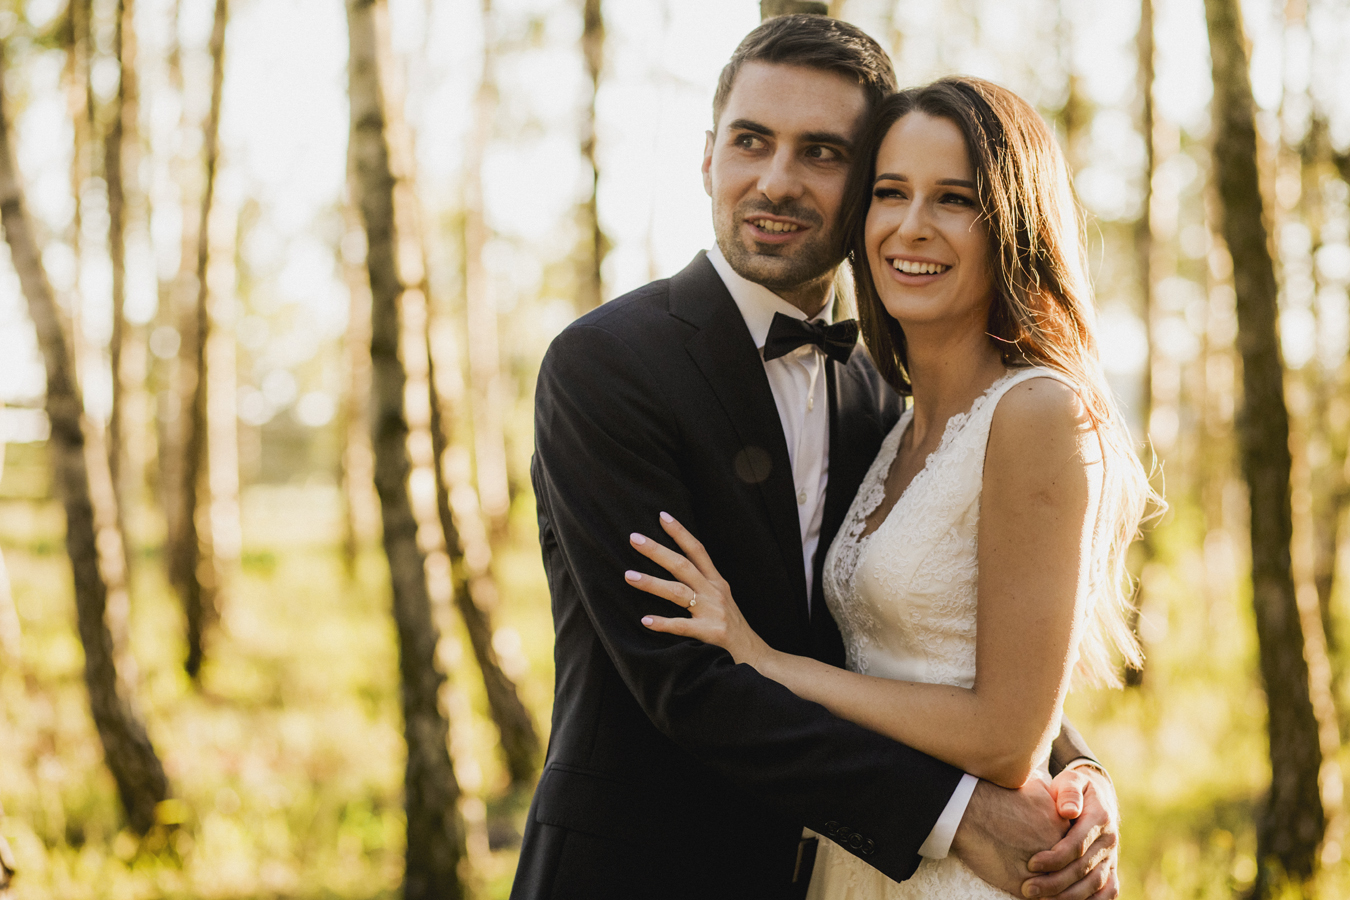 Uwielbiamy Nasze Zdjęcia ze Ślubu i Wesela!